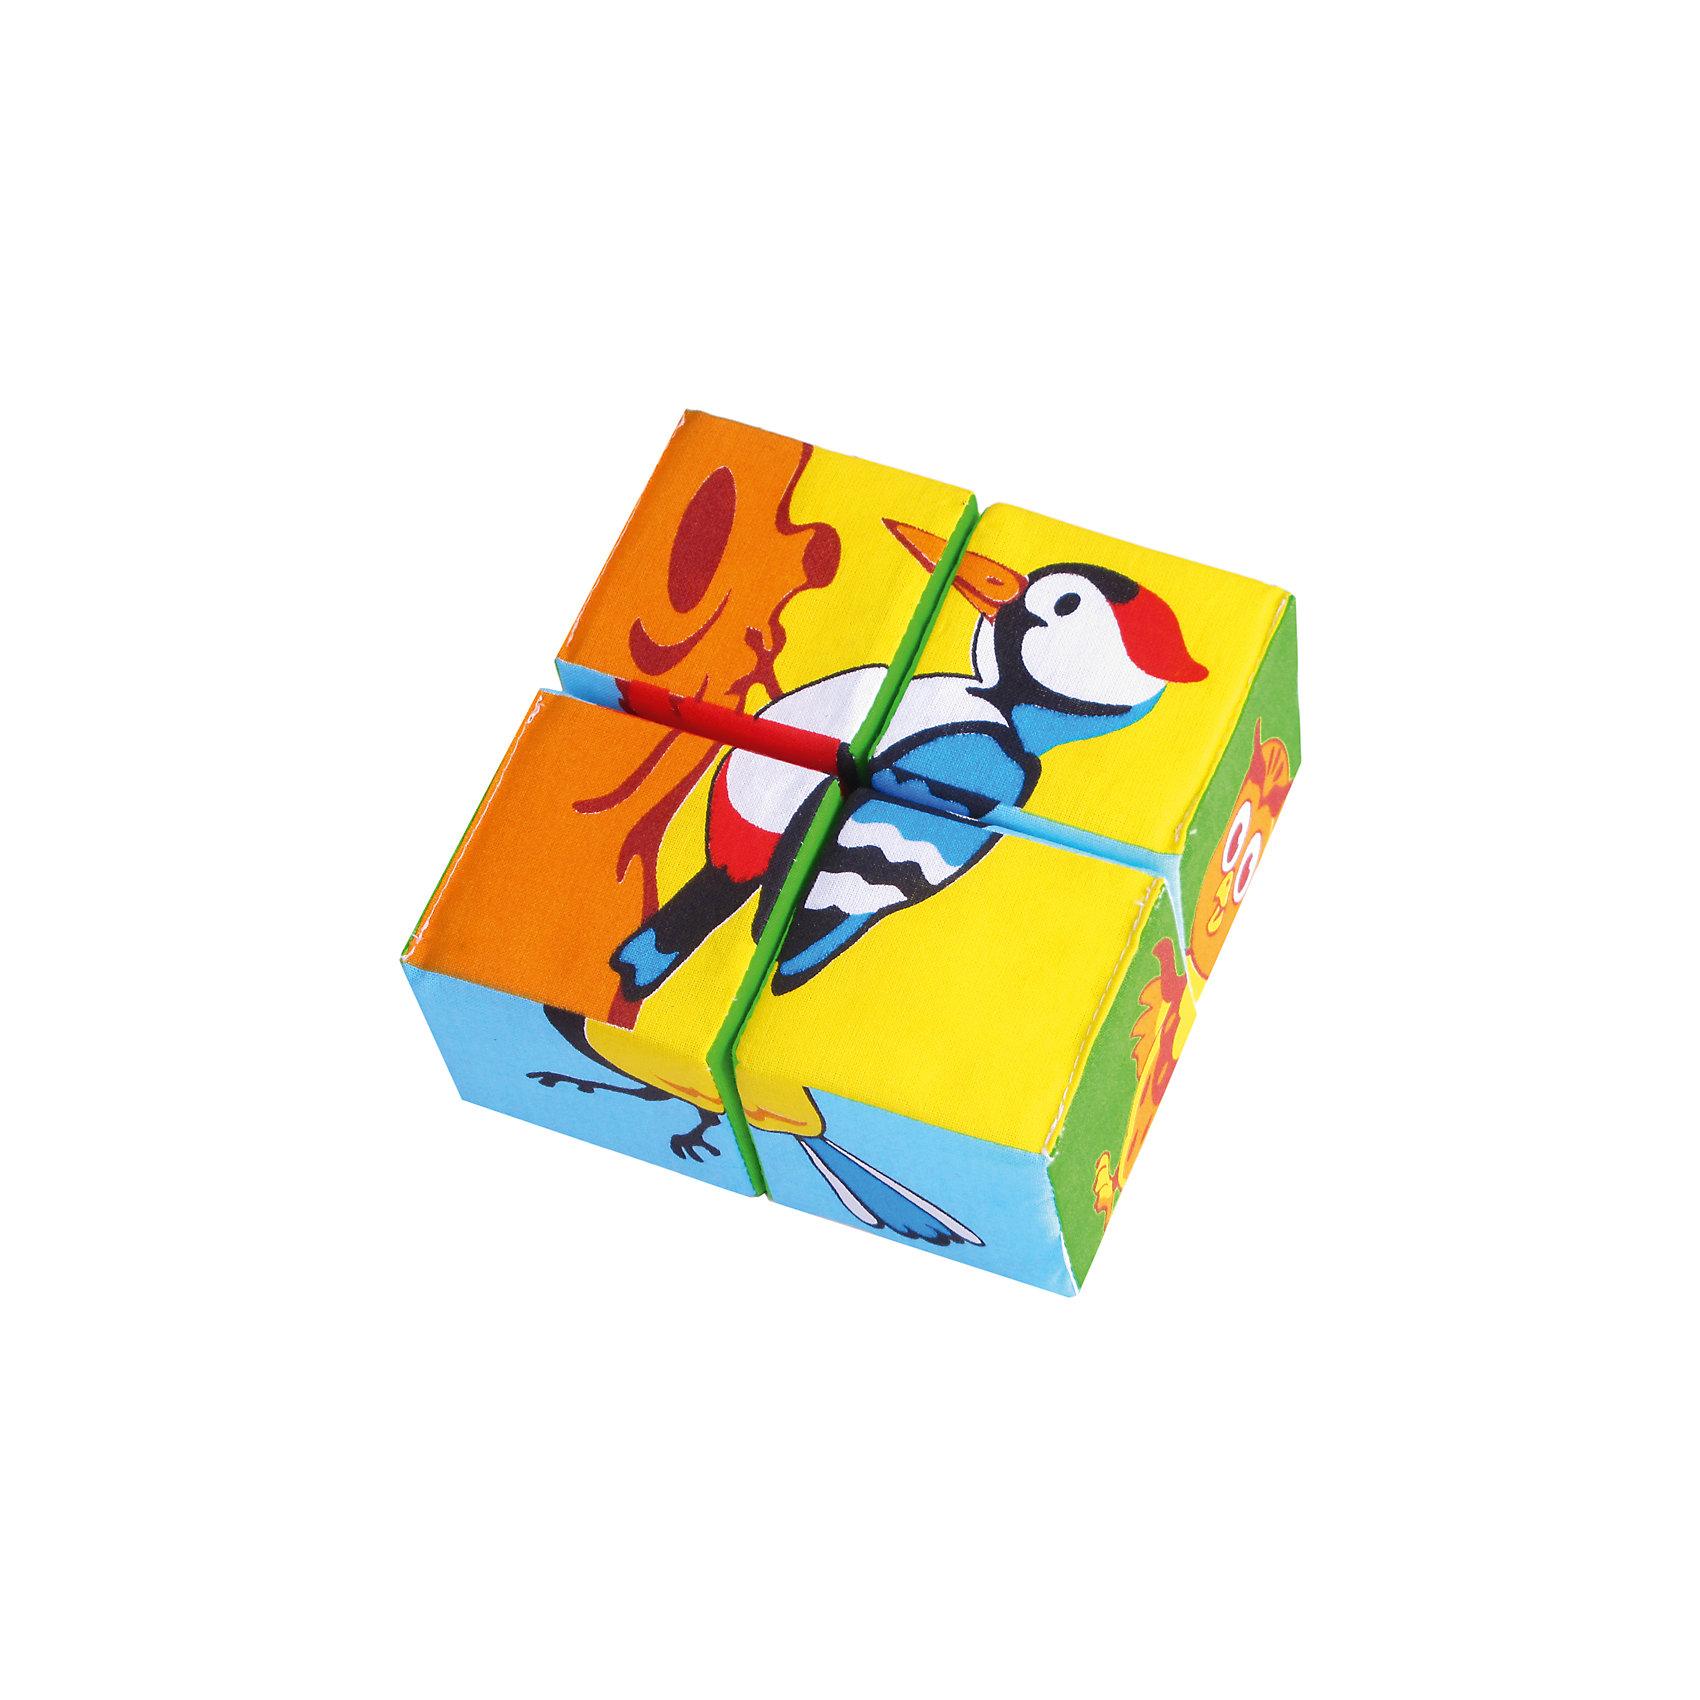 Кубики Собери картинку - птицы, МякишиМягкие игрушки<br>Характеристики товара:<br><br>• материал: хлопок, поролон<br>• комплектация: 4 шт<br>• размер игрушки: 6 см<br>• можно собрать шесть птиц<br>• развивающая игрушка<br>• упаковка: пакет<br>• страна бренда: РФ<br>• страна изготовитель: РФ<br><br>Малыши активно познают мир и тянутся к новой информации. Чтобы сделать процесс изучения окружающего пространства интереснее, ребенку можно подарить развивающие игрушки. В процессе игры информация усваивается намного лучше!<br>Такие кубики помогут занять малыша, играть ими приятно и весело. Одновременно они позволят познакомиться со многими цветами, фактурами, а также из них можно собрать шесть птиц. Такие игрушки развивают тактильные ощущения, моторику, цветовосприятие, логику, воображение, учат фокусировать внимание. Каждое изделие абсолютно безопасно – оно создано из качественной ткани с мягким наполнителем. Игрушки производятся из качественных и проверенных материалов, которые безопасны для детей.<br><br>Кубики Собери картинку - птицы от бренда Мякиши можно купить в нашем интернет-магазине.<br><br>Ширина мм: 120<br>Глубина мм: 60<br>Высота мм: 120<br>Вес г: 80<br>Возраст от месяцев: 12<br>Возраст до месяцев: 36<br>Пол: Унисекс<br>Возраст: Детский<br>SKU: 5183192